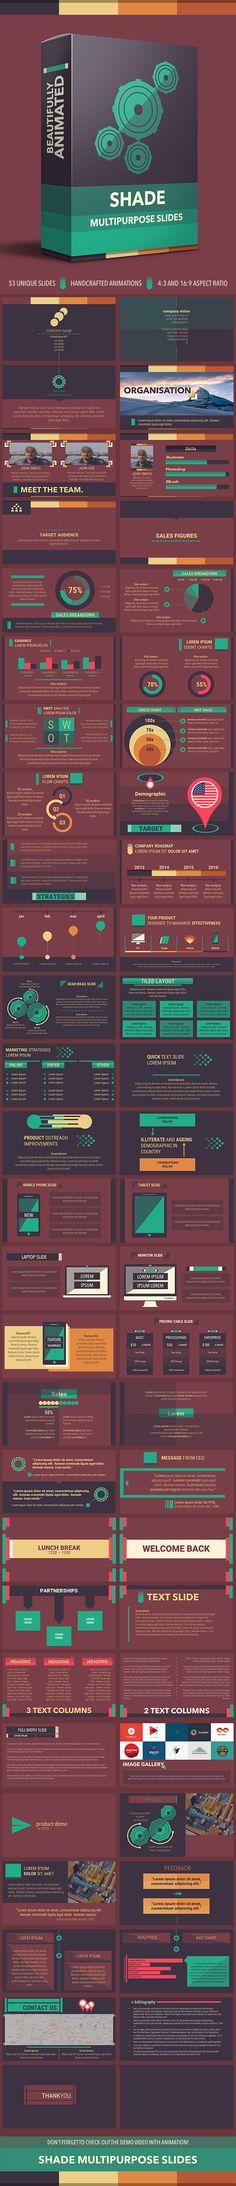 Shade Multipurpose PowerPoint Slides Template. Download here: http://graphicriver.net/item/shade-multipurpose-slides/14851385?ref=ksioks